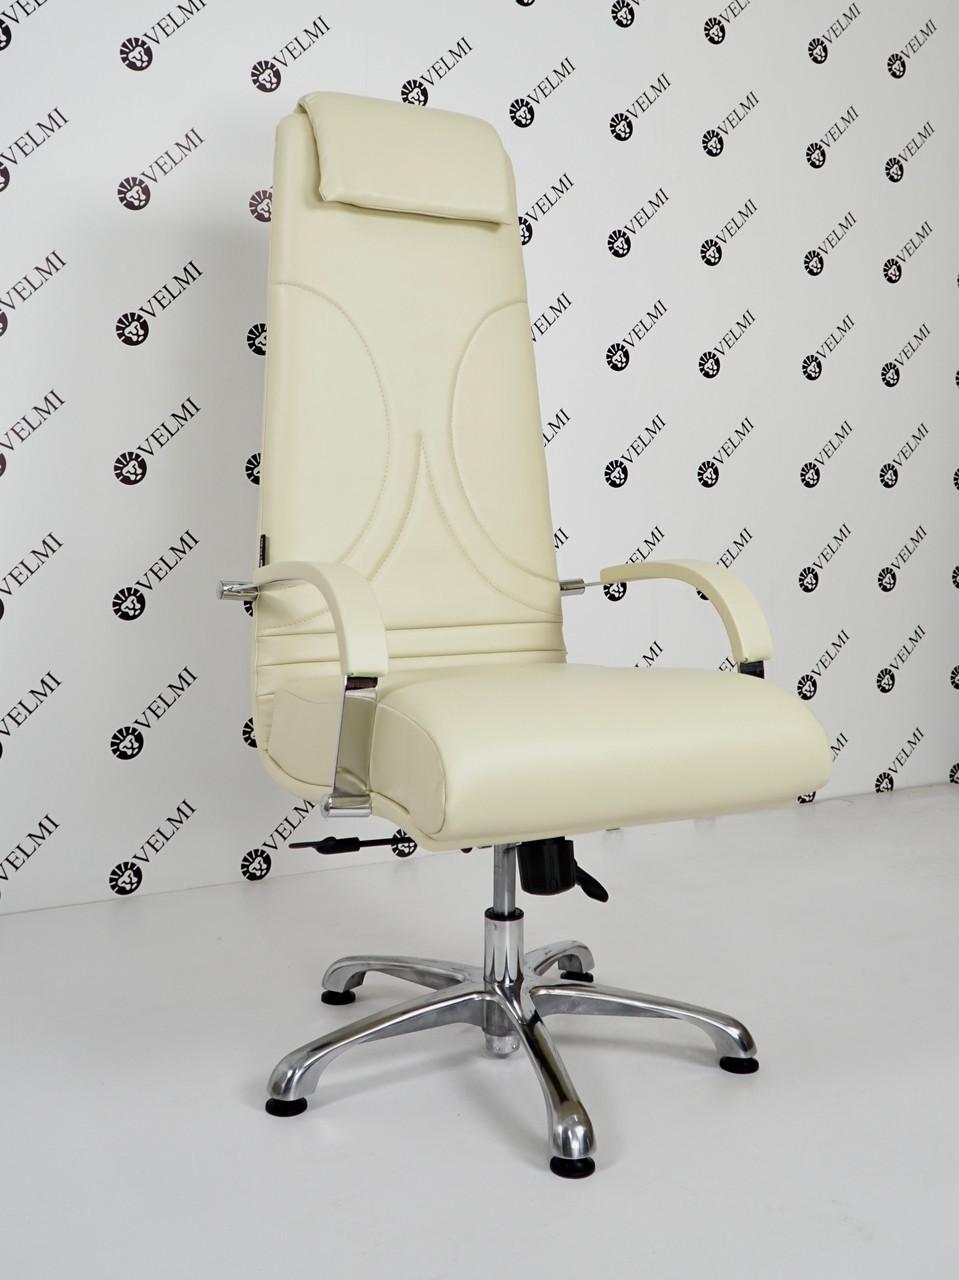 Педикюрное кресло Aramis